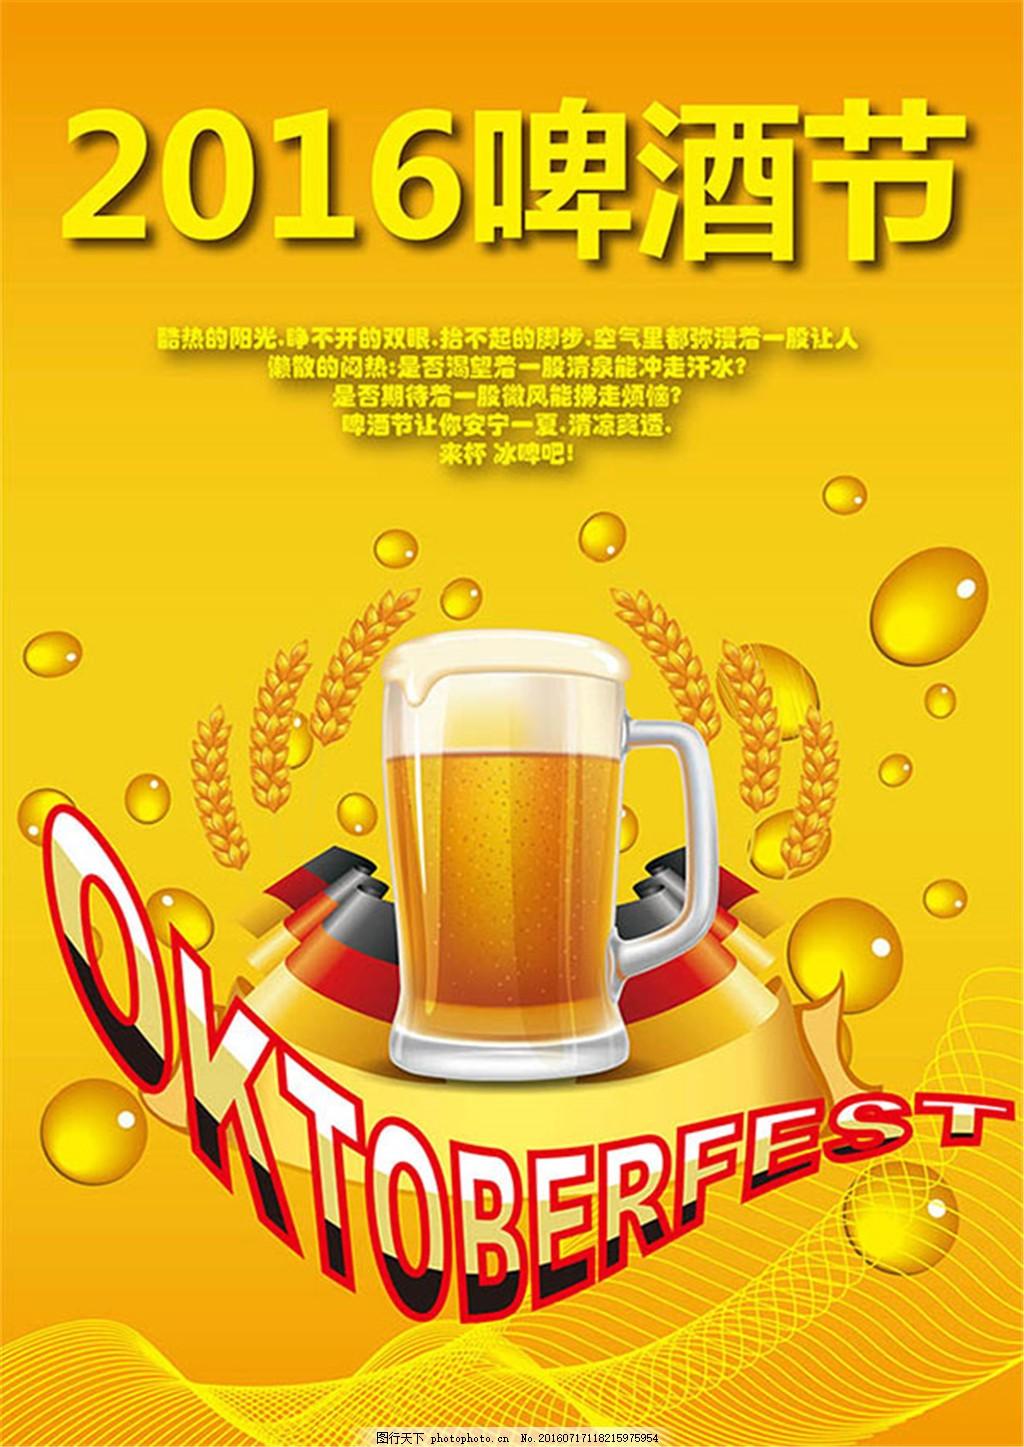 啤酒节海报素材 报背景 海报设计 啤酒 啤酒节海报 青岛啤酒 淘宝素